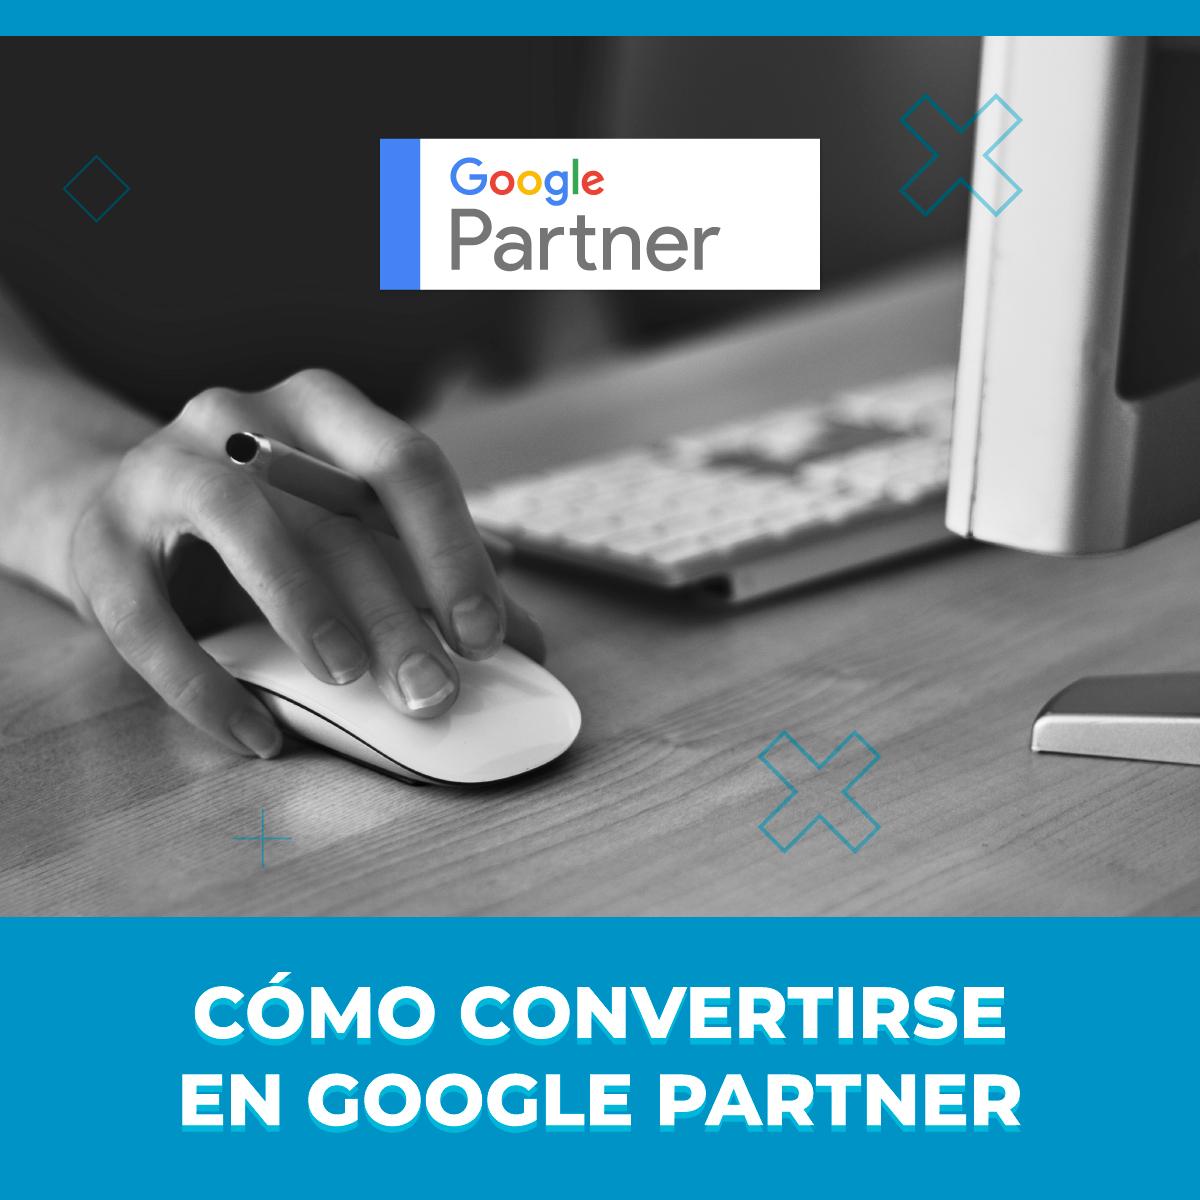 Cómo convertirse en Google Partner